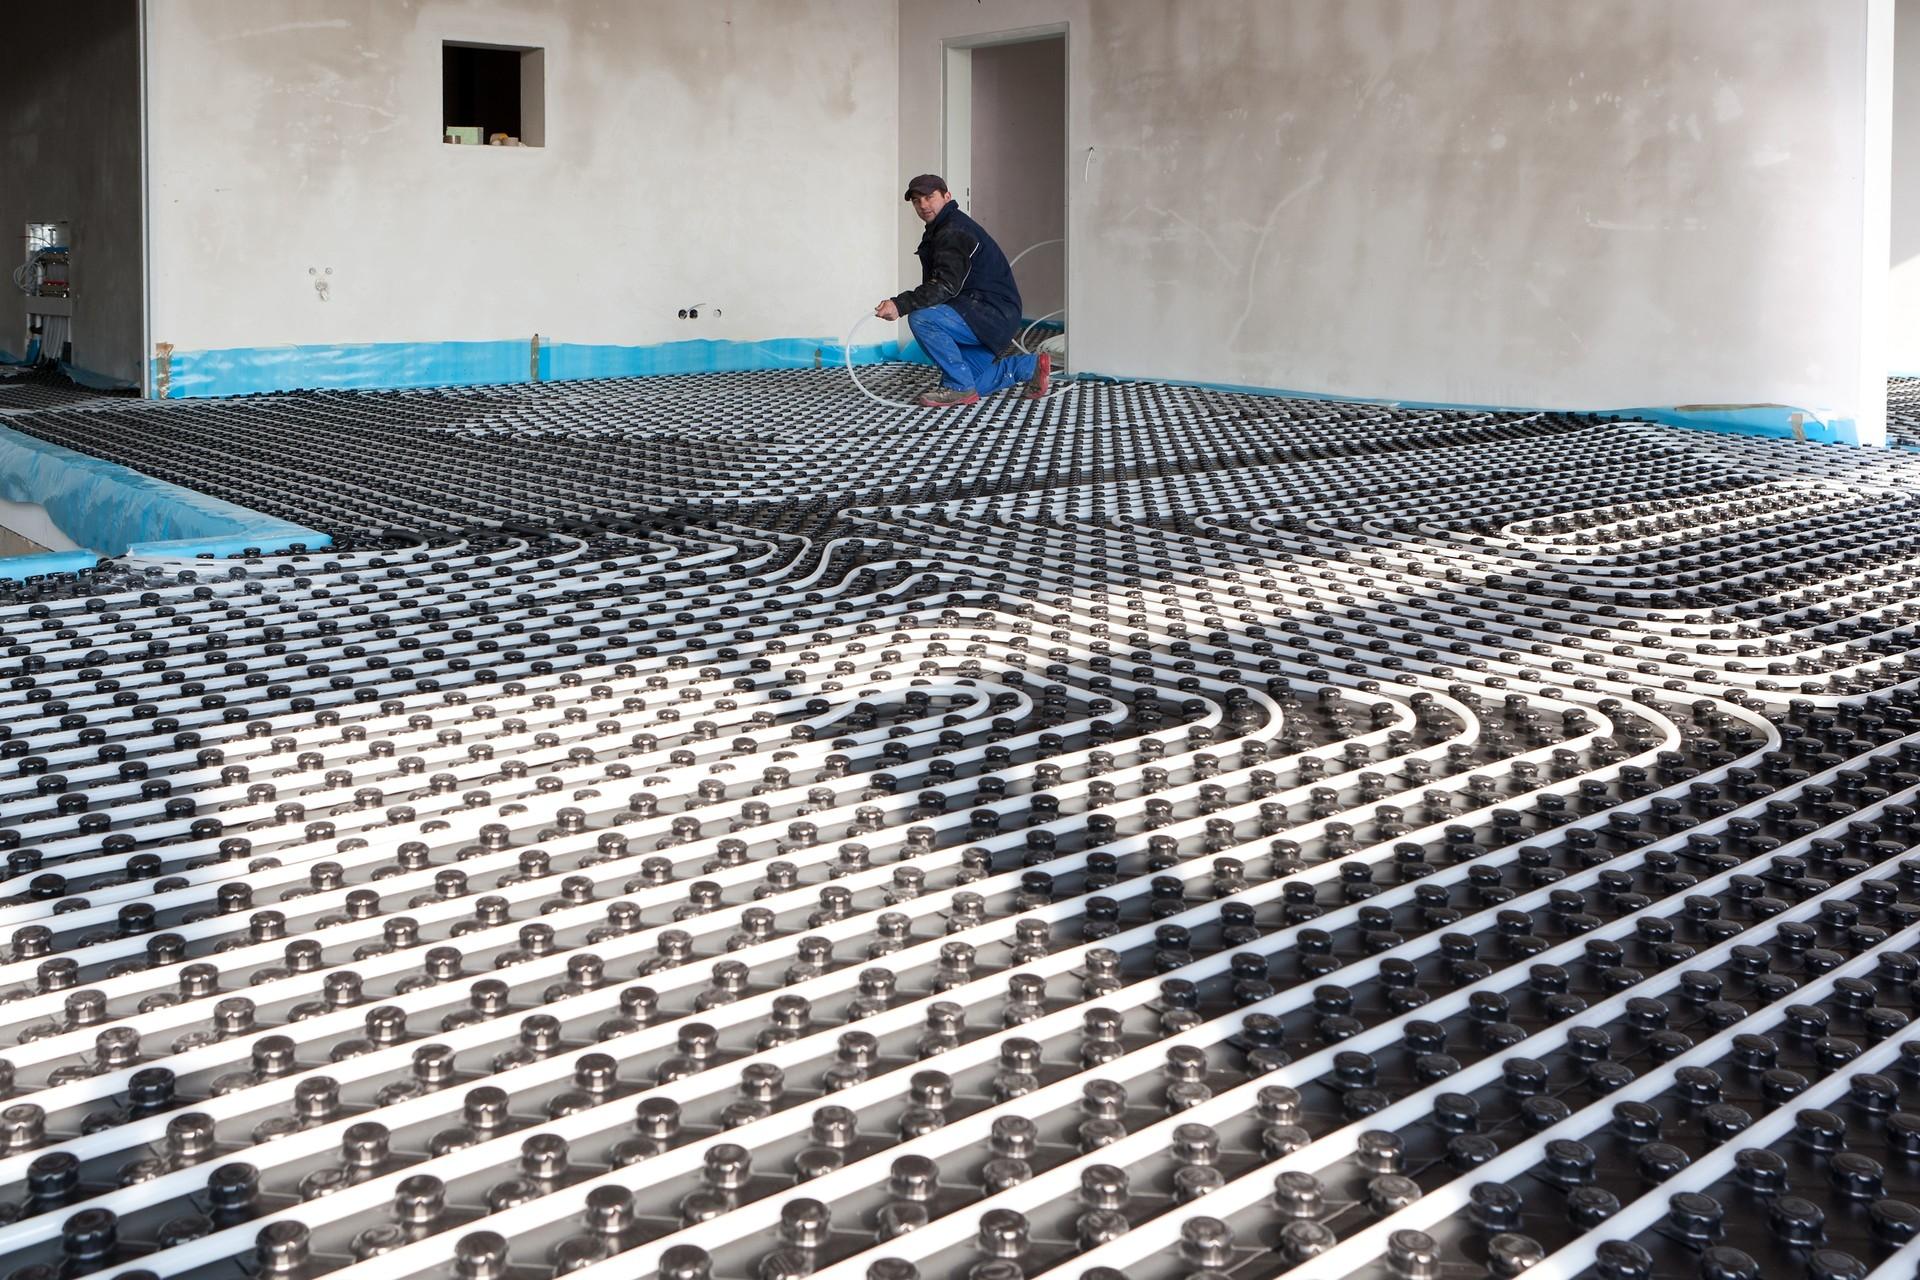 Vloerverwarming Badkamer Nadelen : Vloerverwarming i c m een warmtepomp een efficiënte combinatie